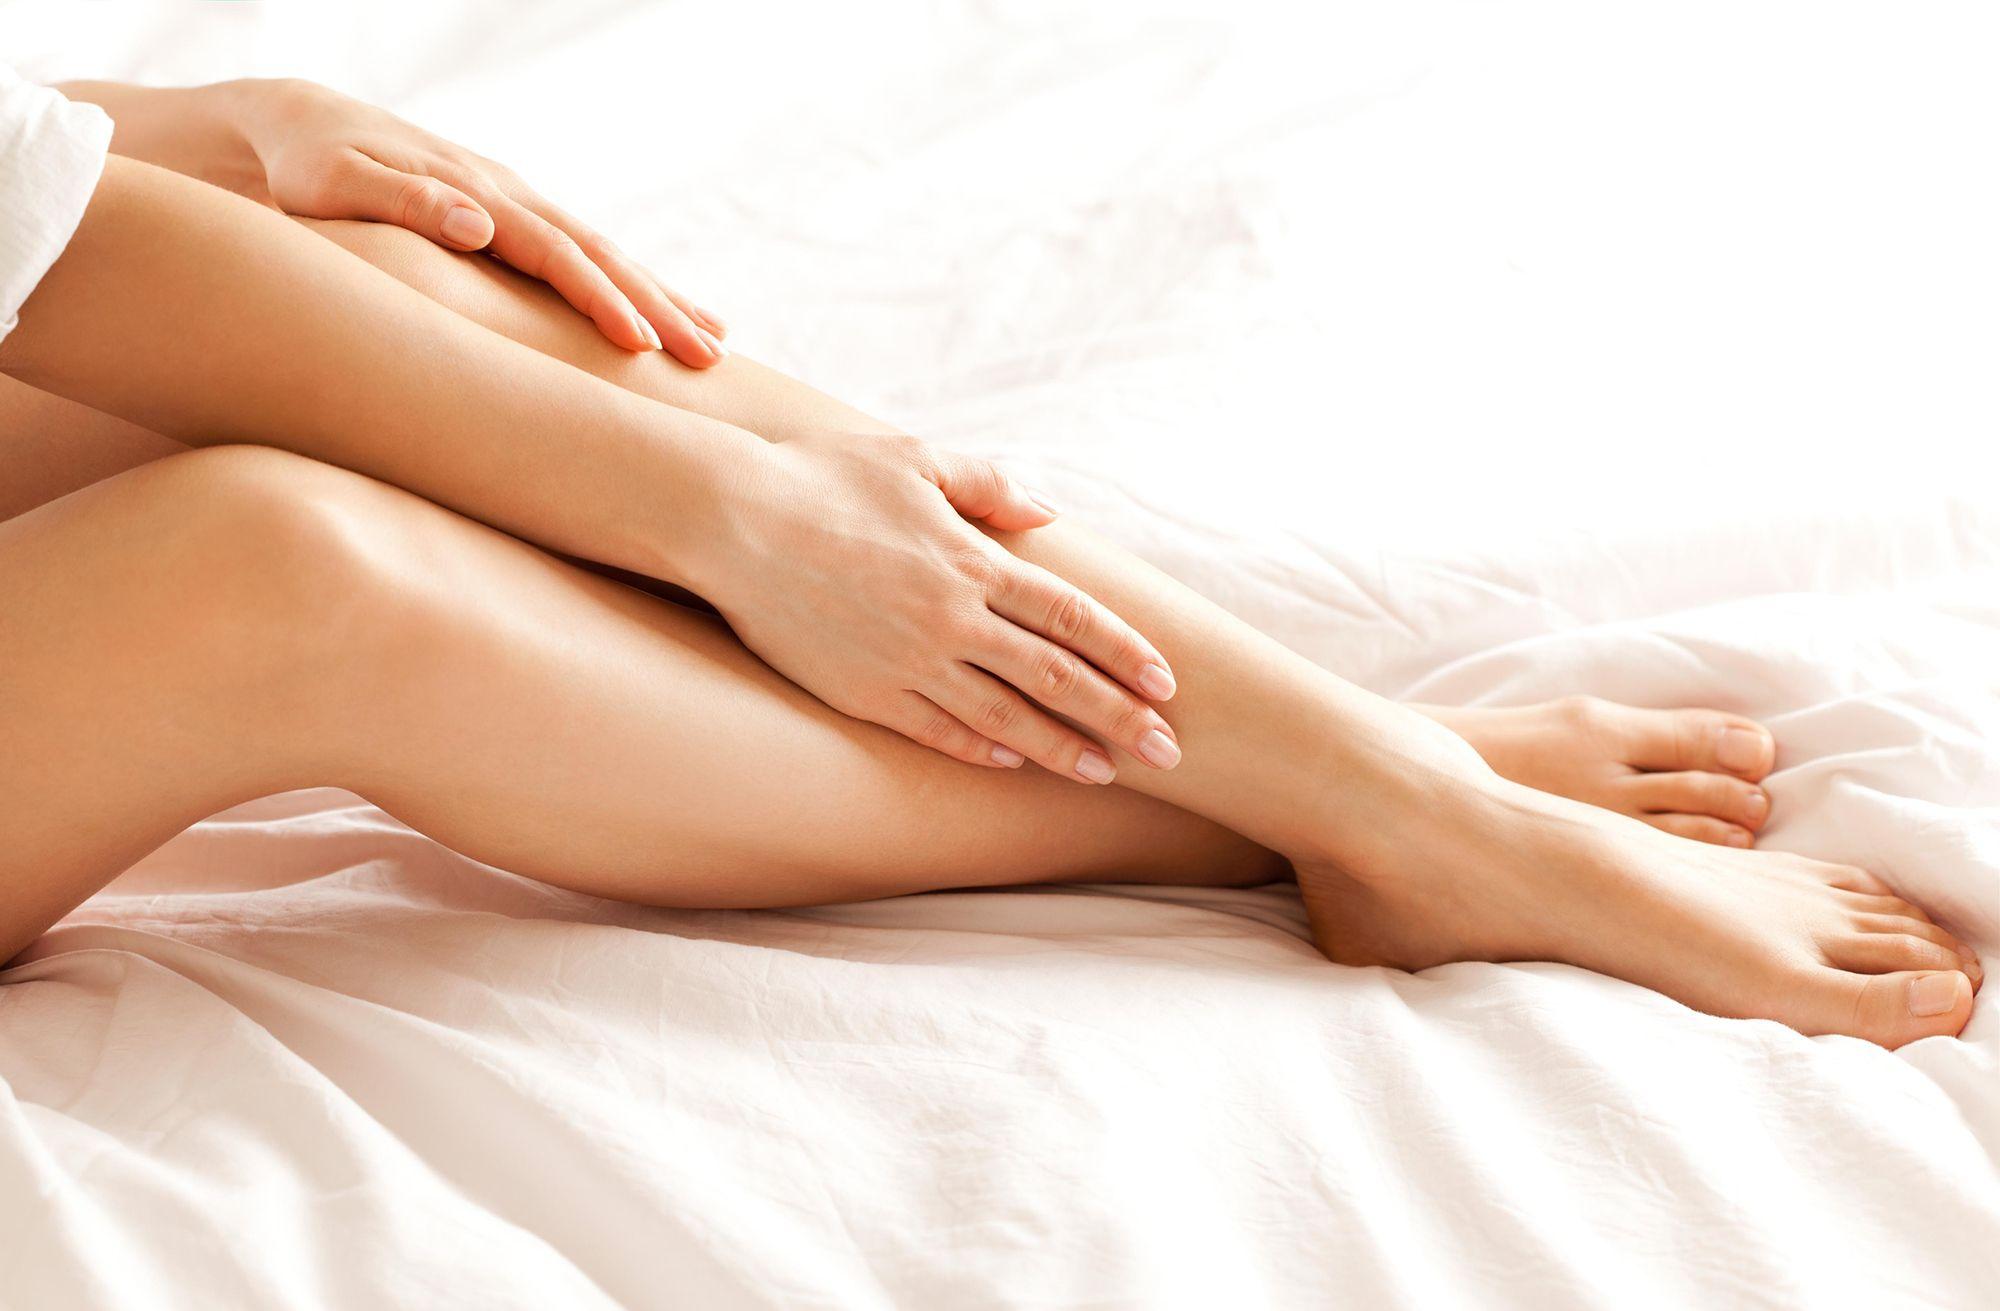 Come schiarire naturalmente i peli di gambe e ascelle